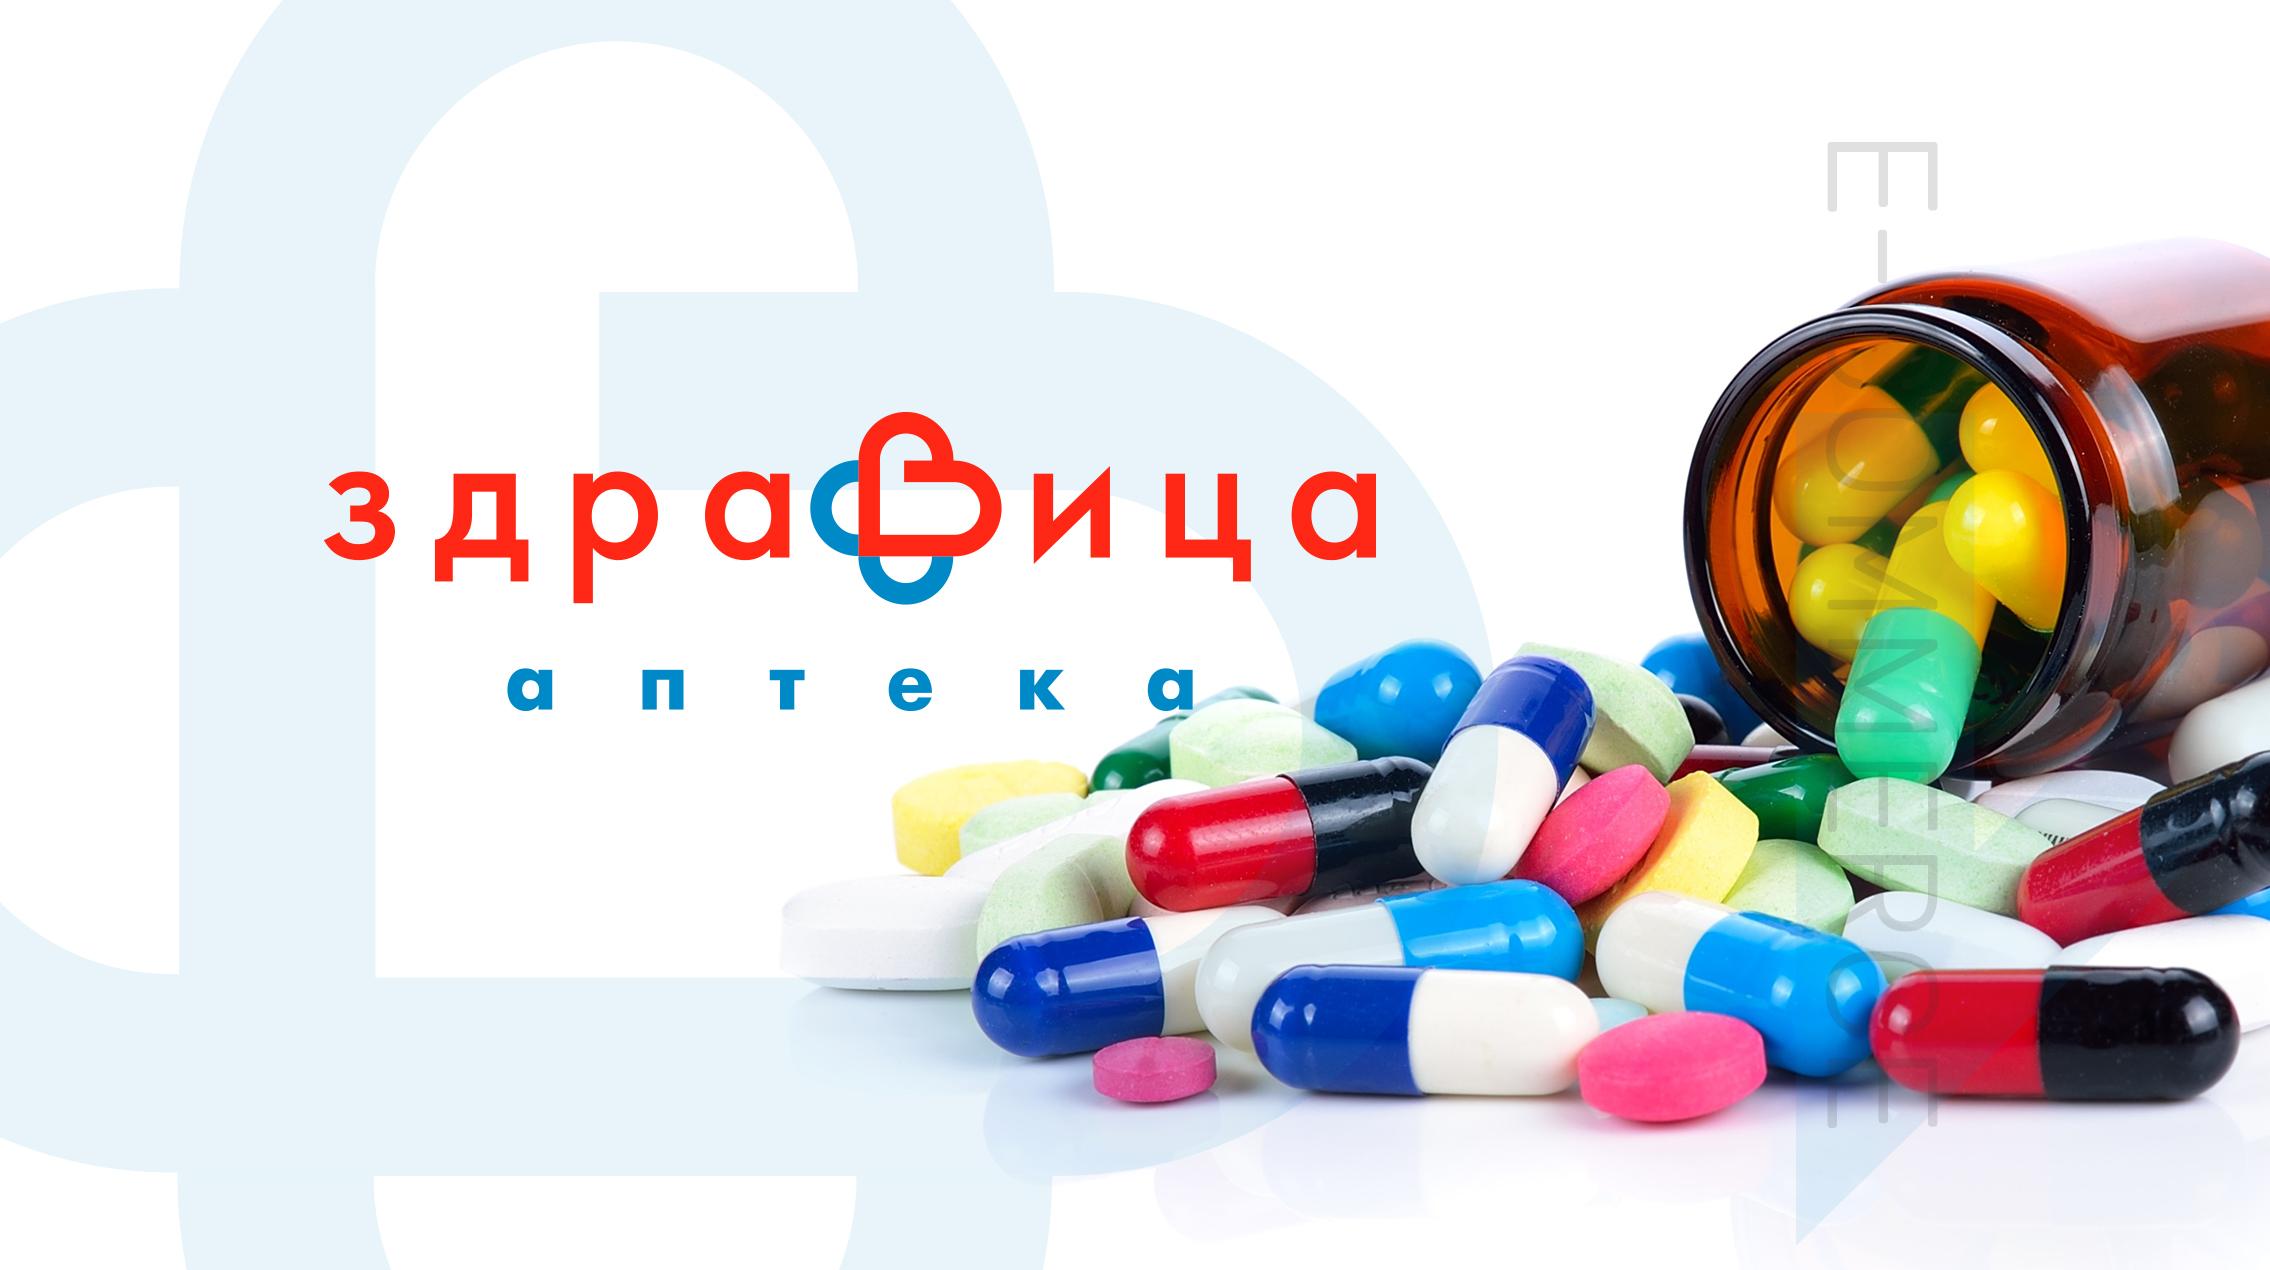 Створення інтернет-аптеки Здравиця